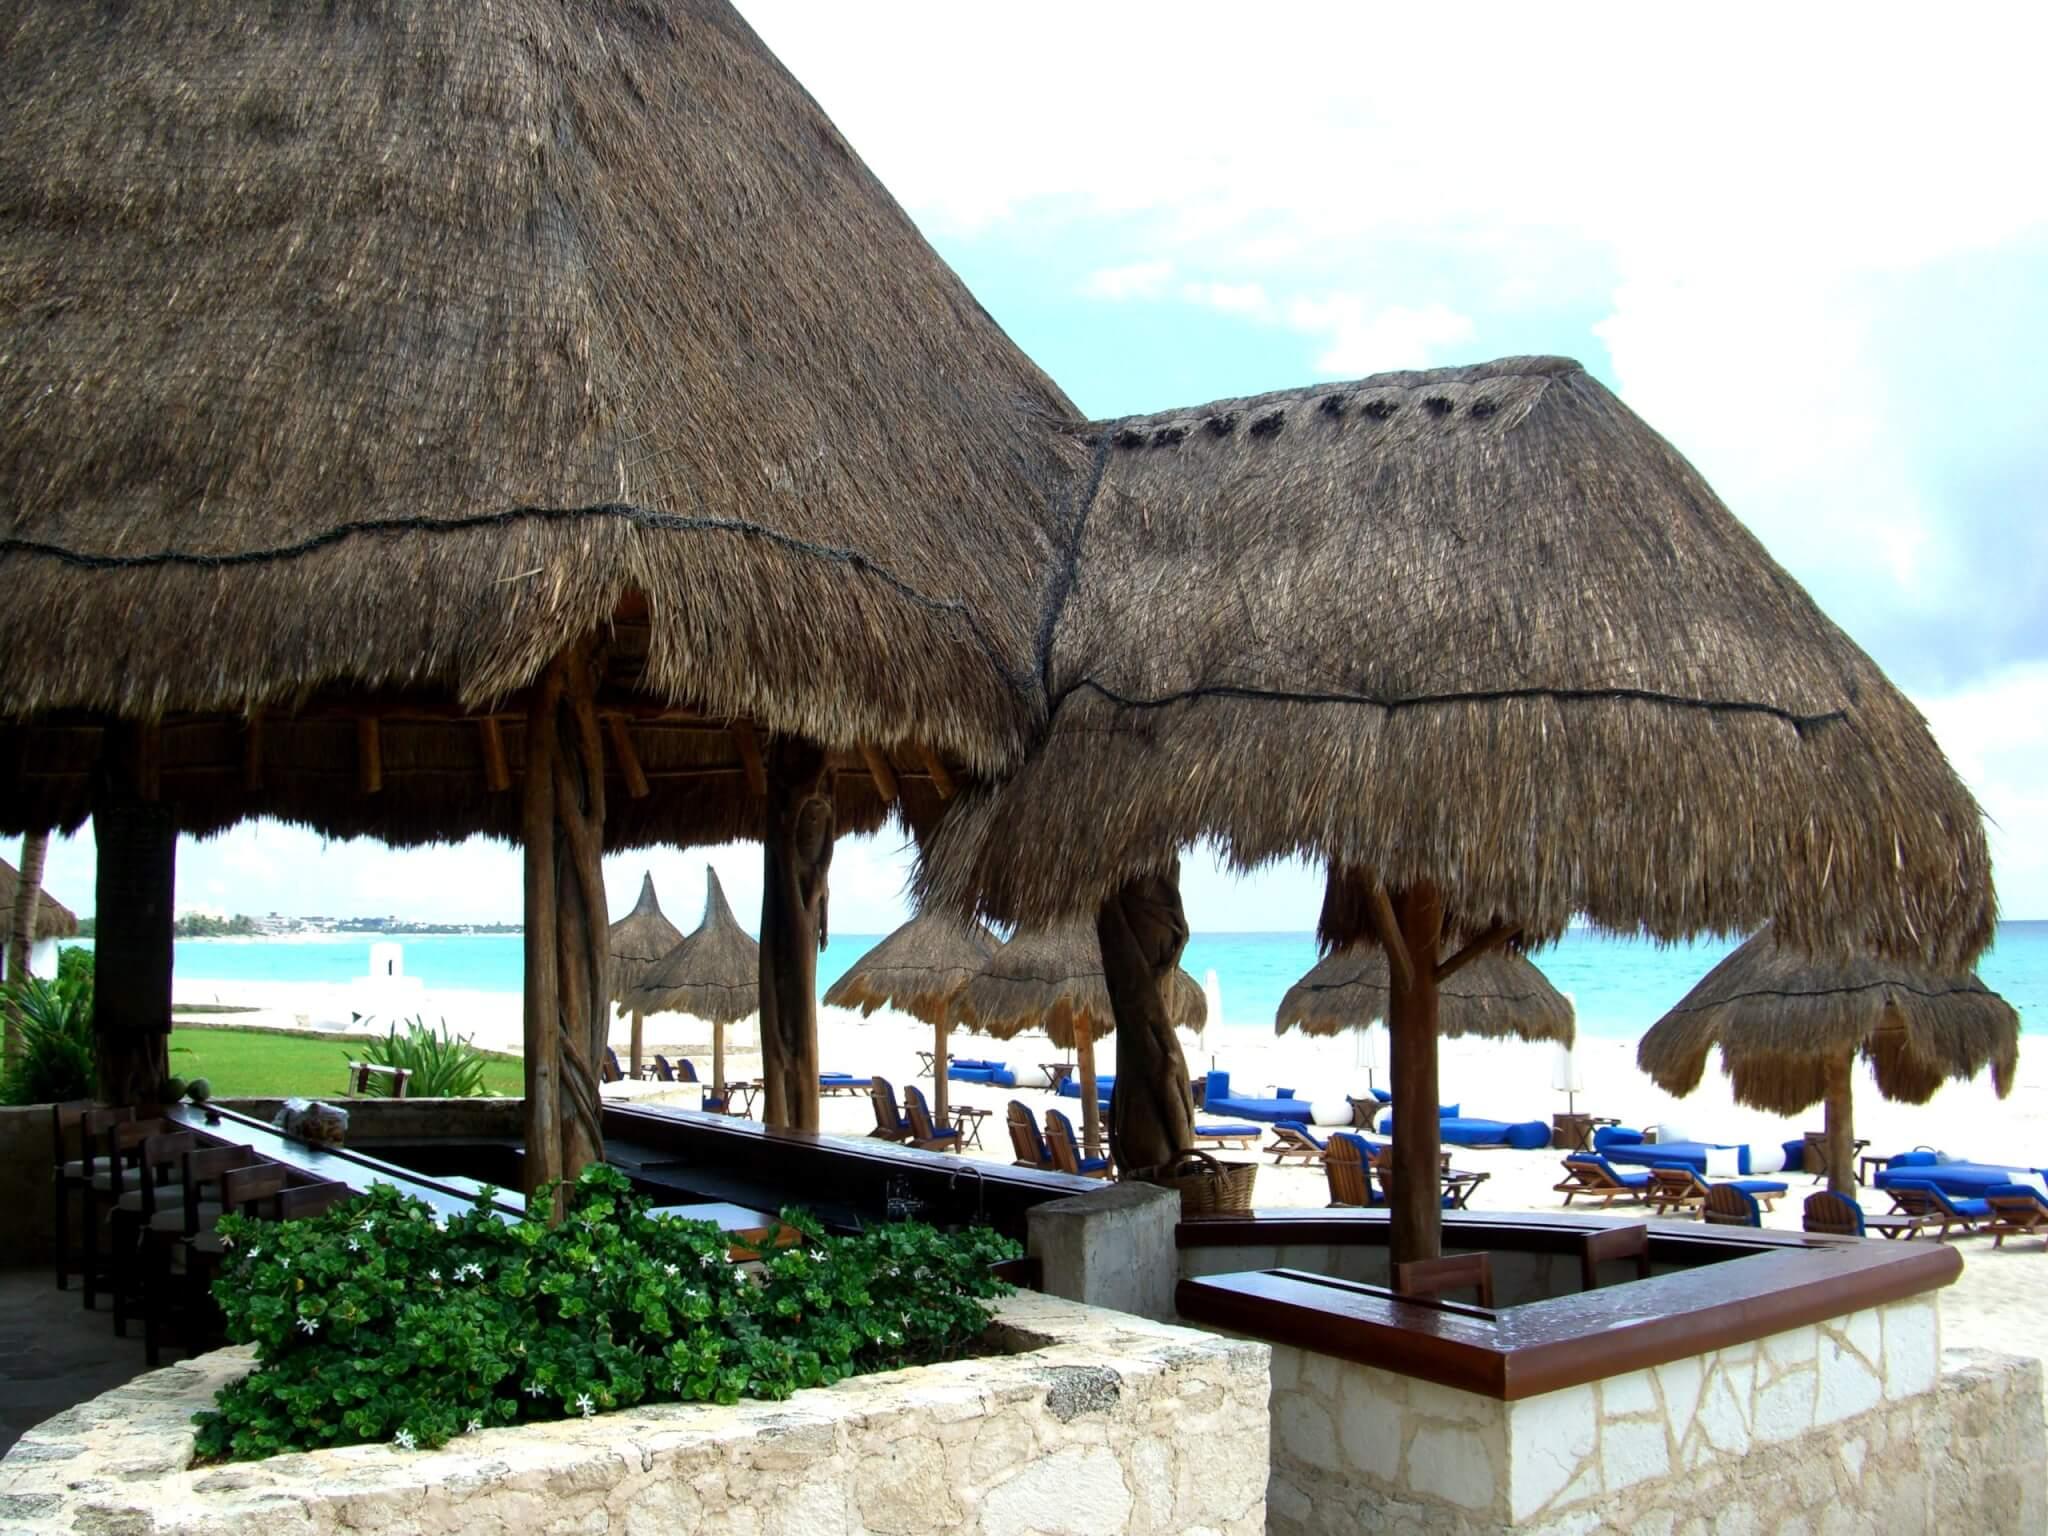 A l'abri du soleil sur la plage le restaurant de jour (c)GAD